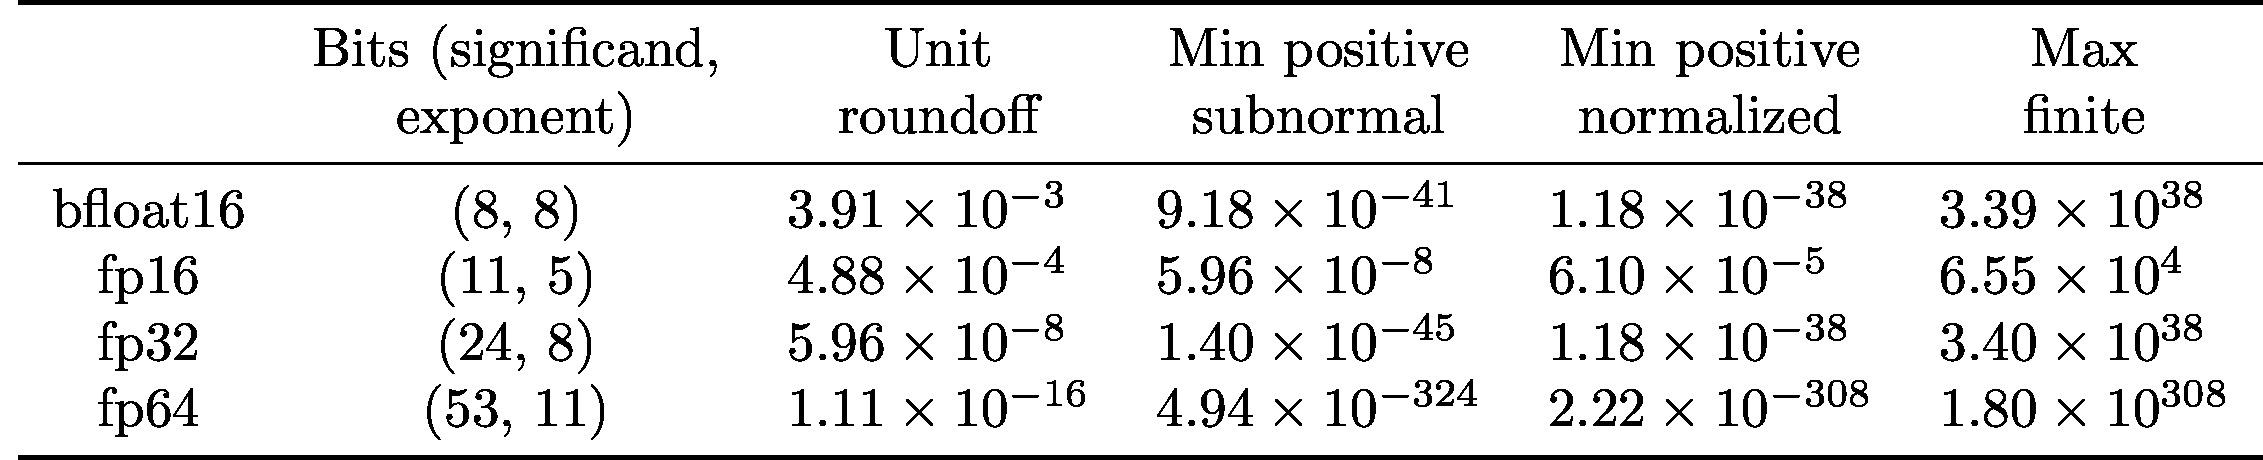 bfloat16_table.jpg